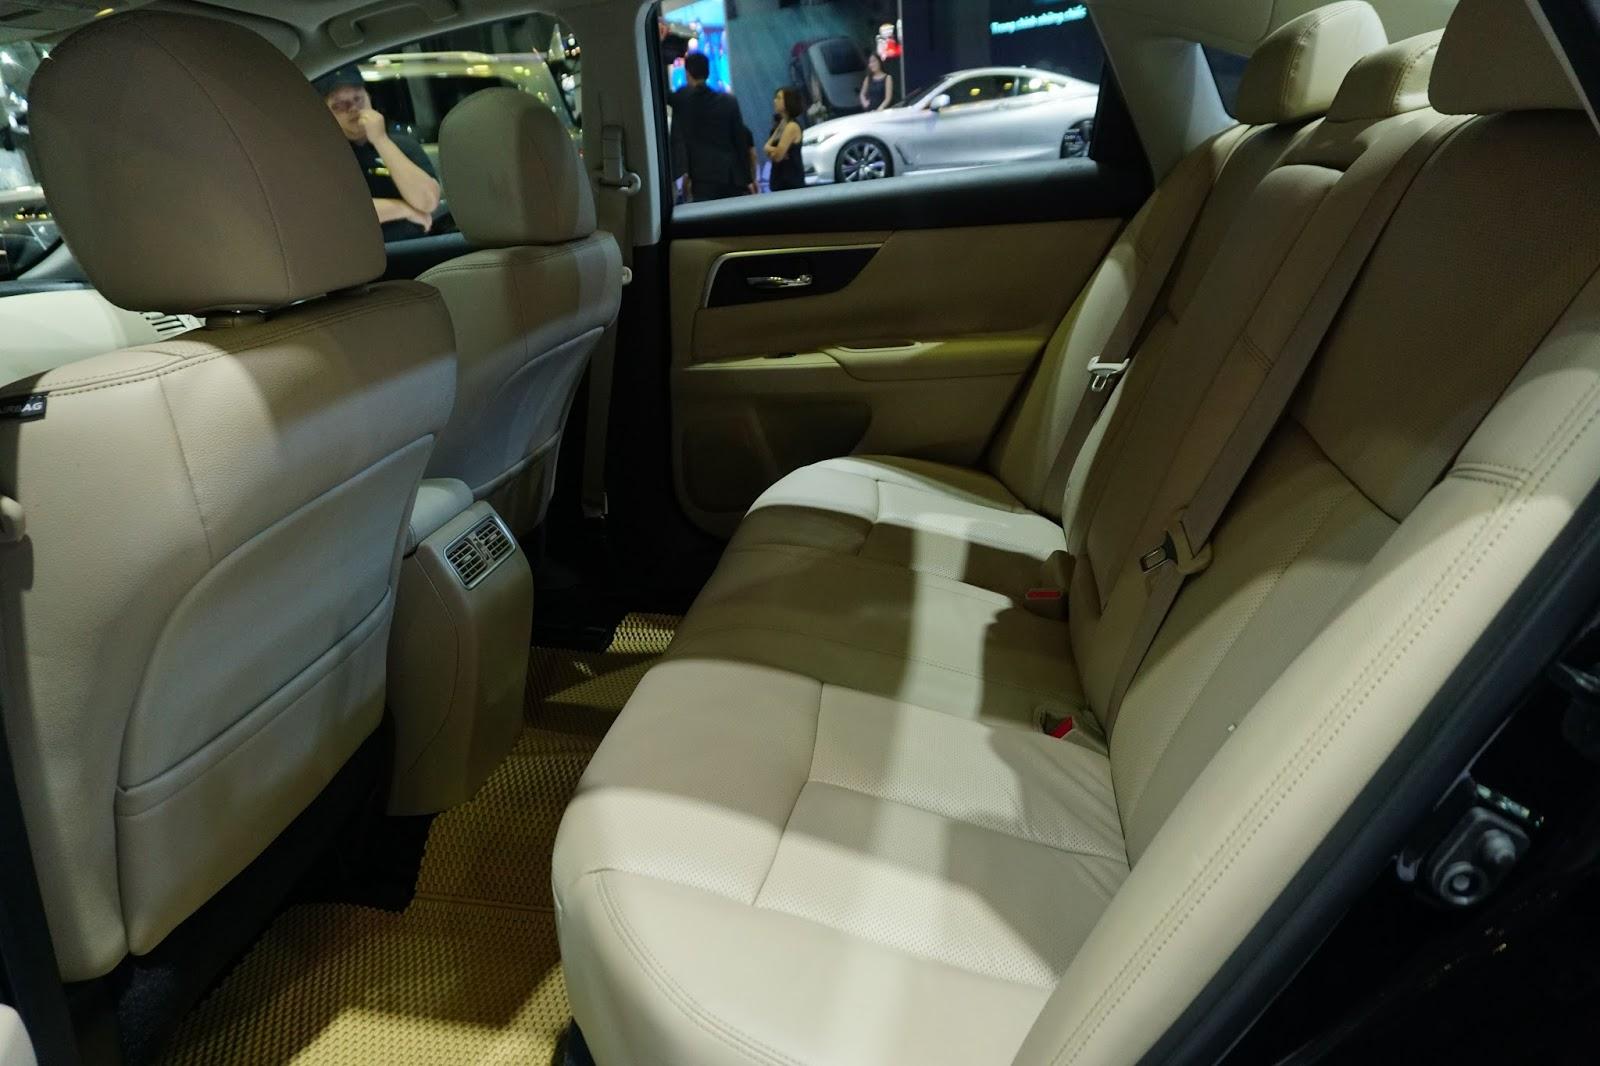 Hàng ghế thứ hai của Nissan Teana 2017 cũng rất rộng, thoải mái nhất